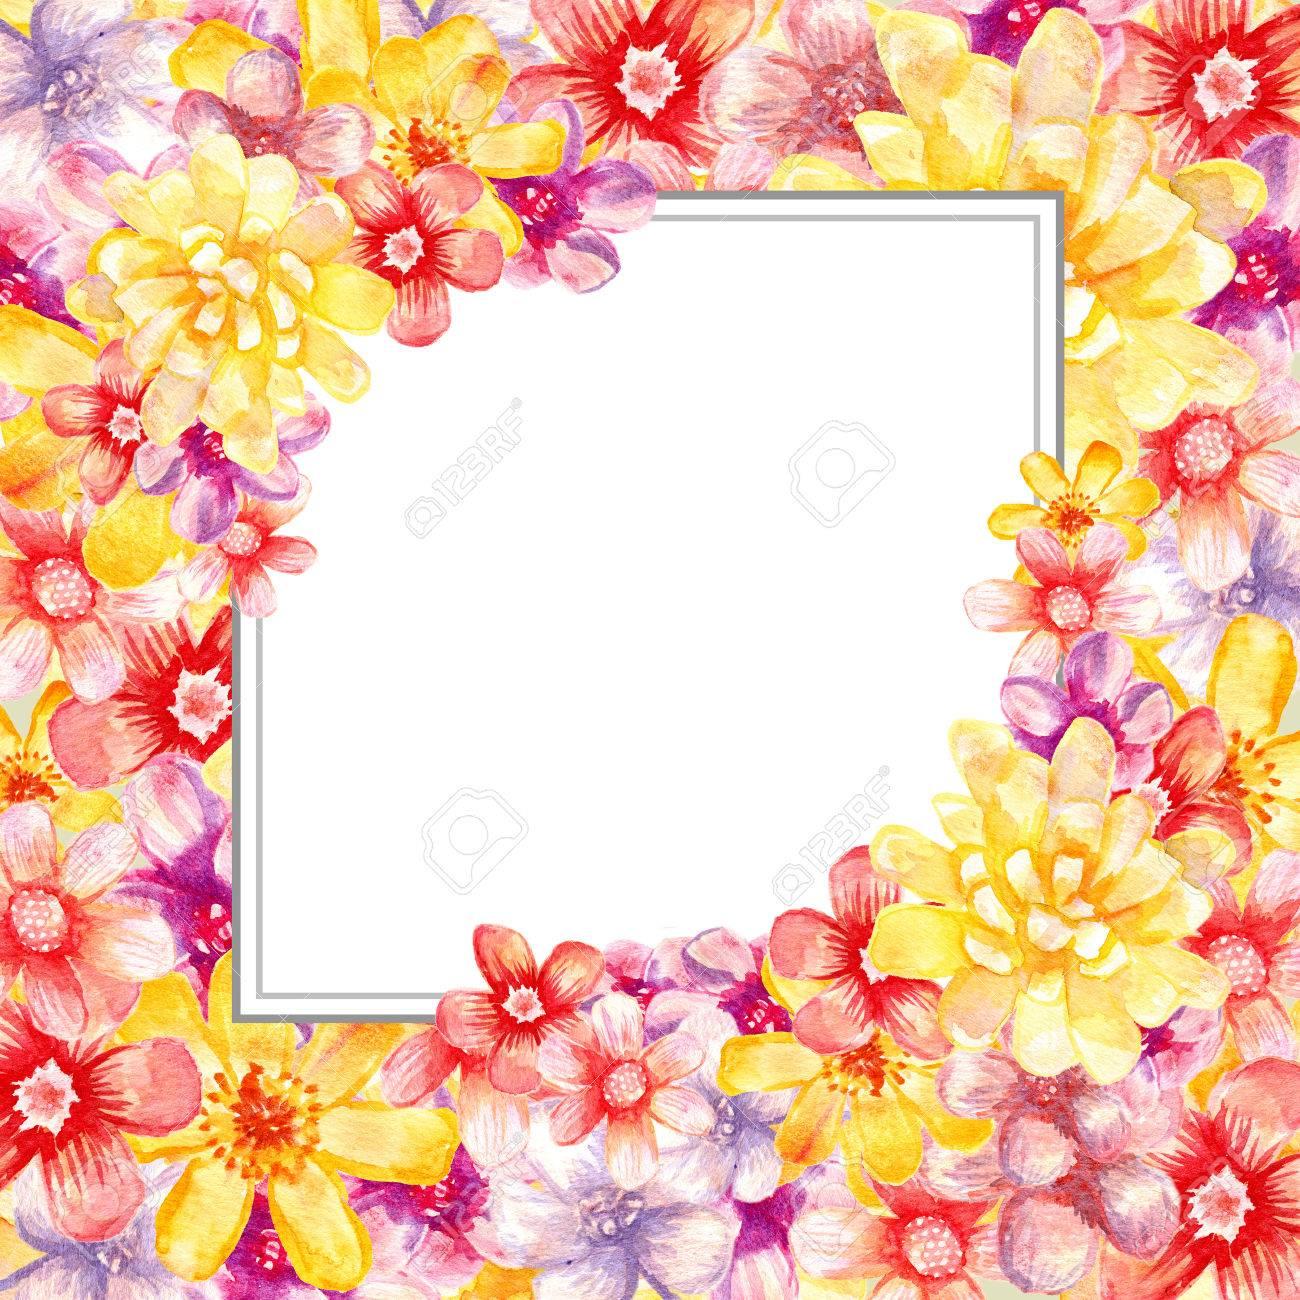 Aquarell Floralen Rahmen. Künstlerische Karte. Malerei Banner ...